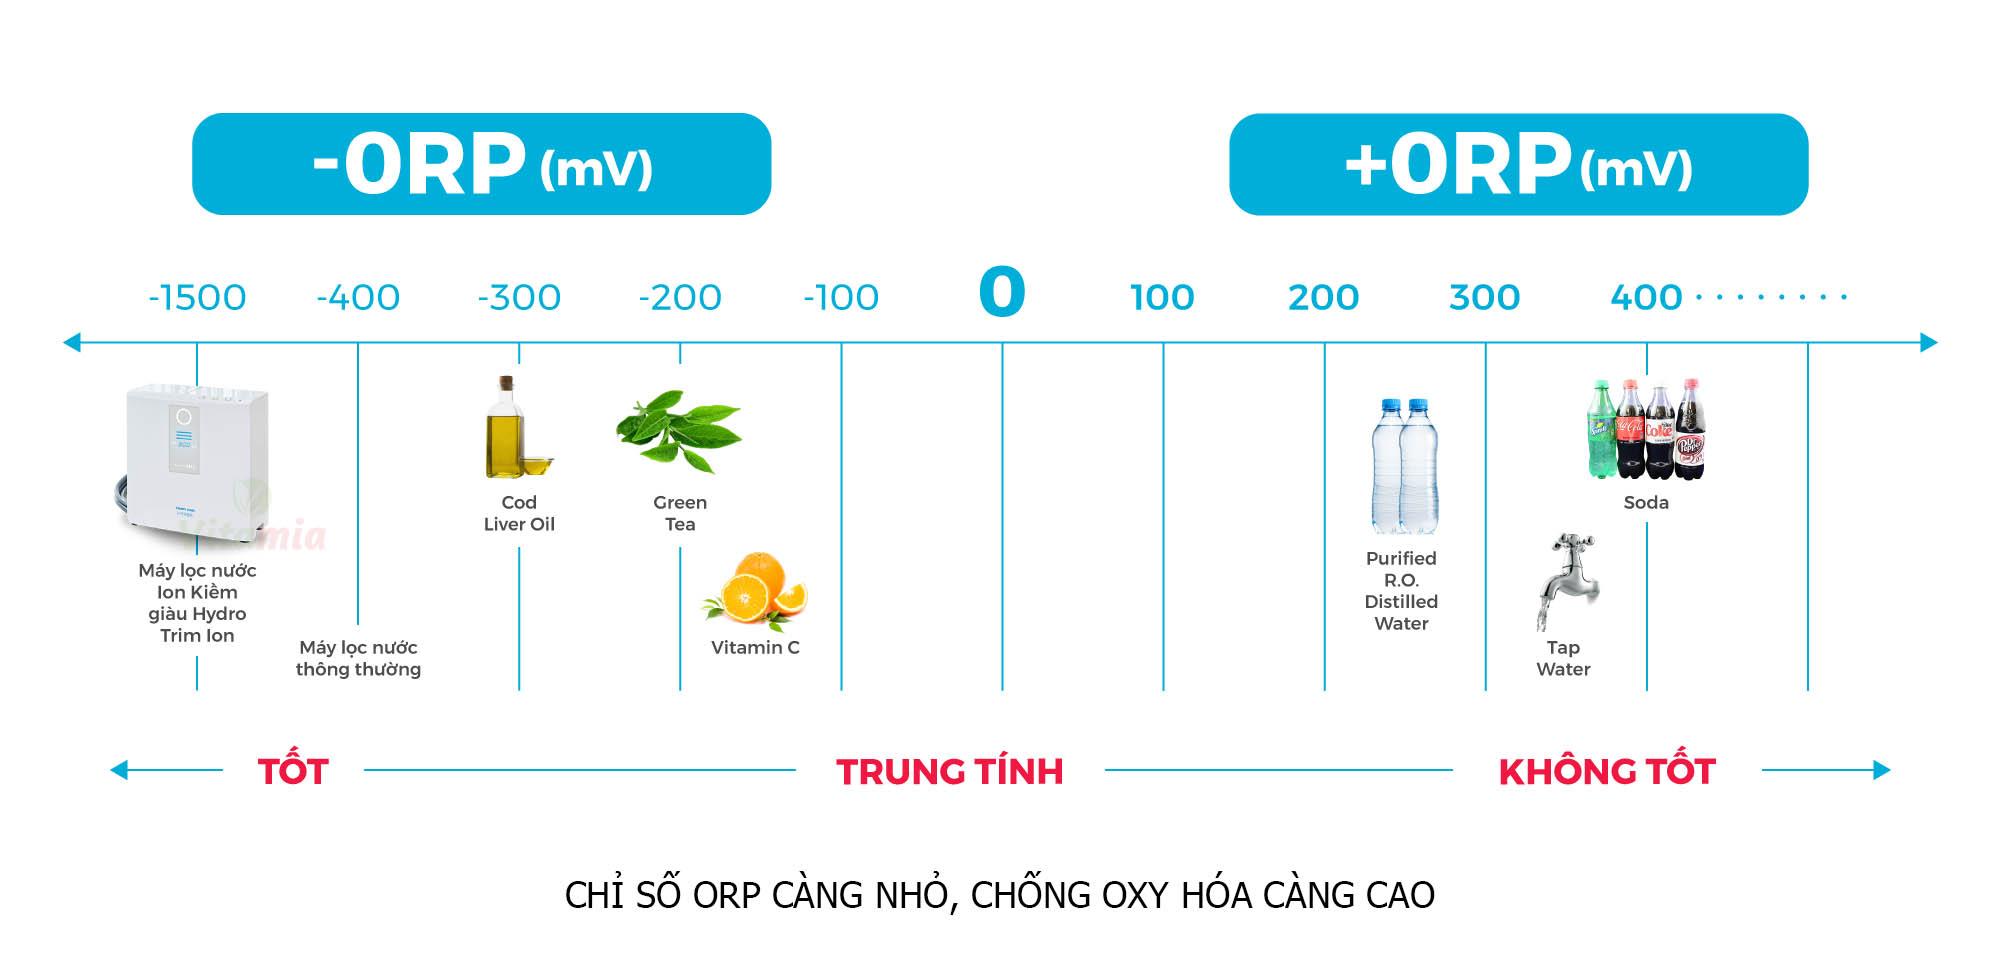 Chỉ số chống oxy hóa Trim ion